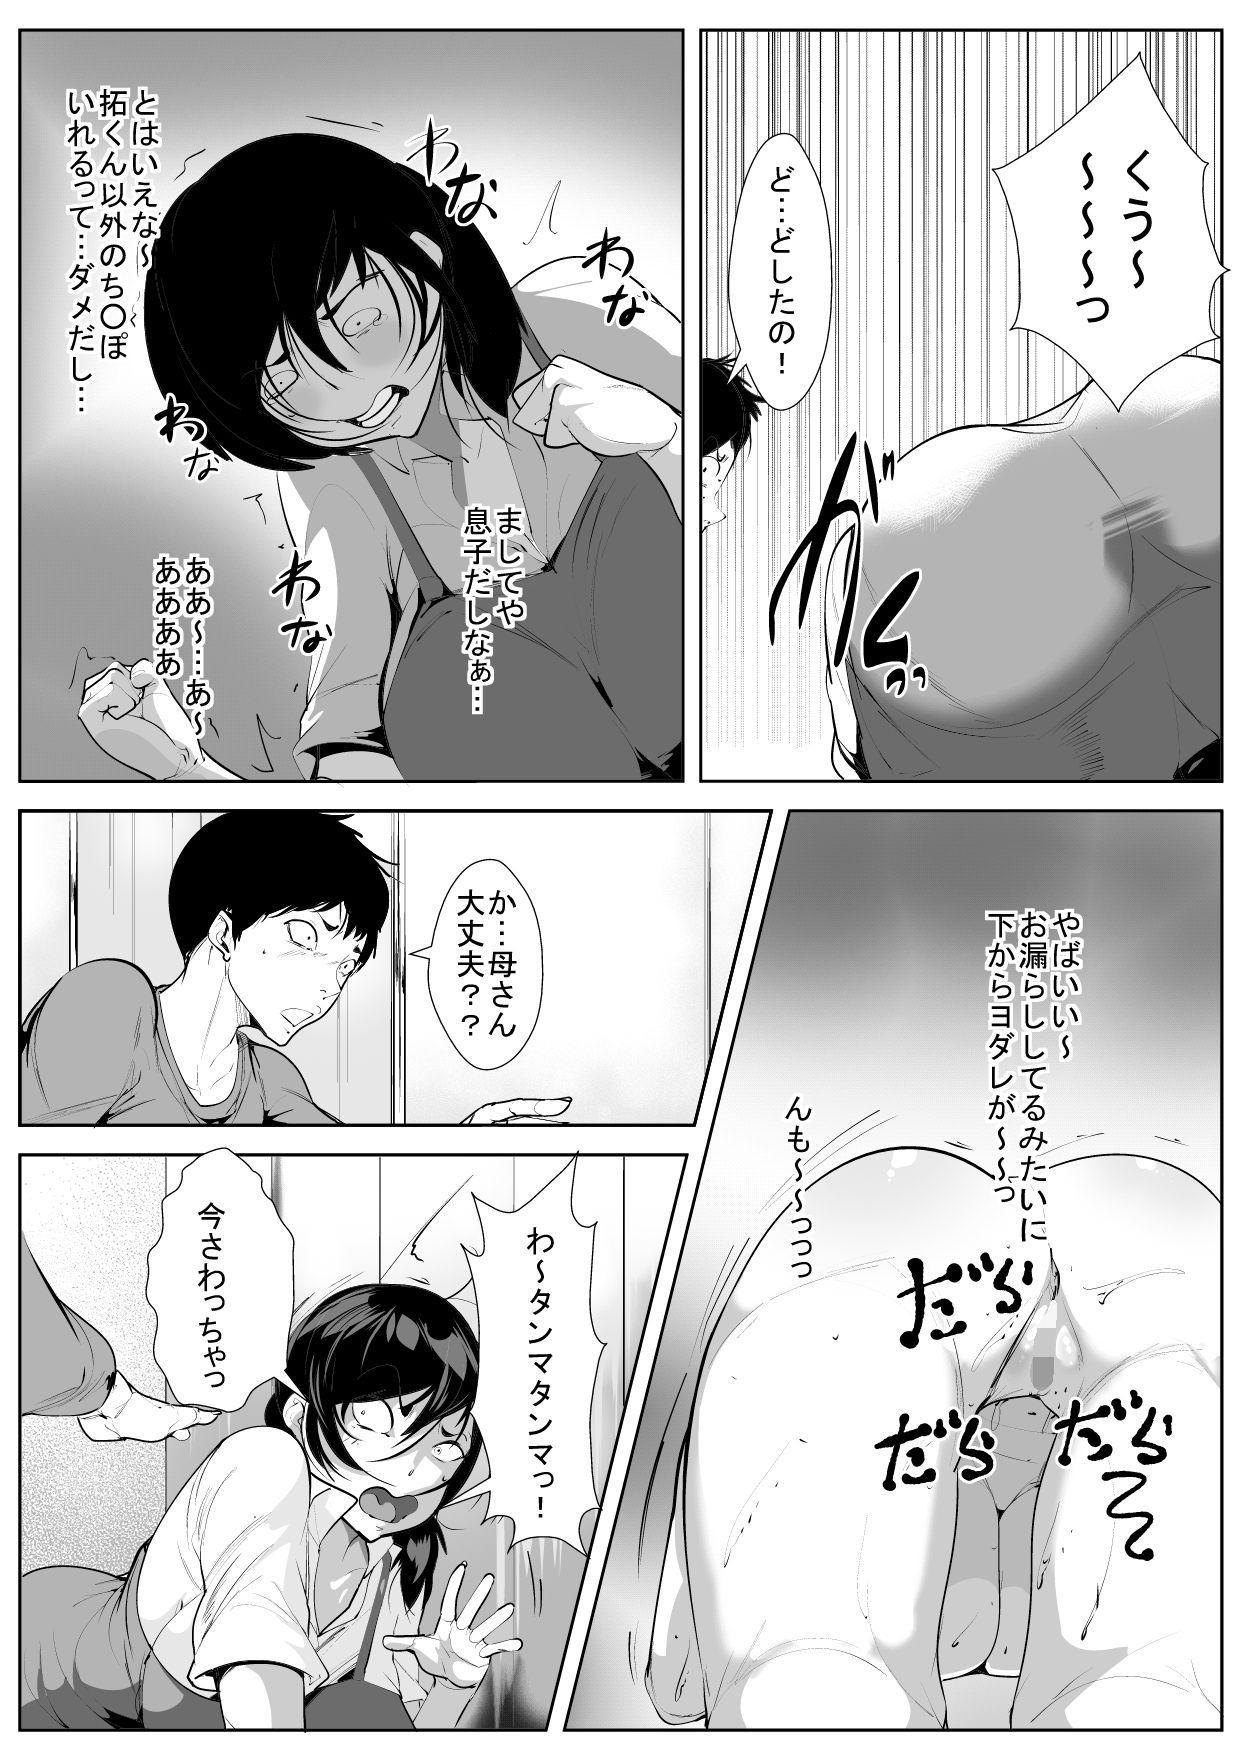 Hantoshikan Sexless no Hitozuma wa... 5